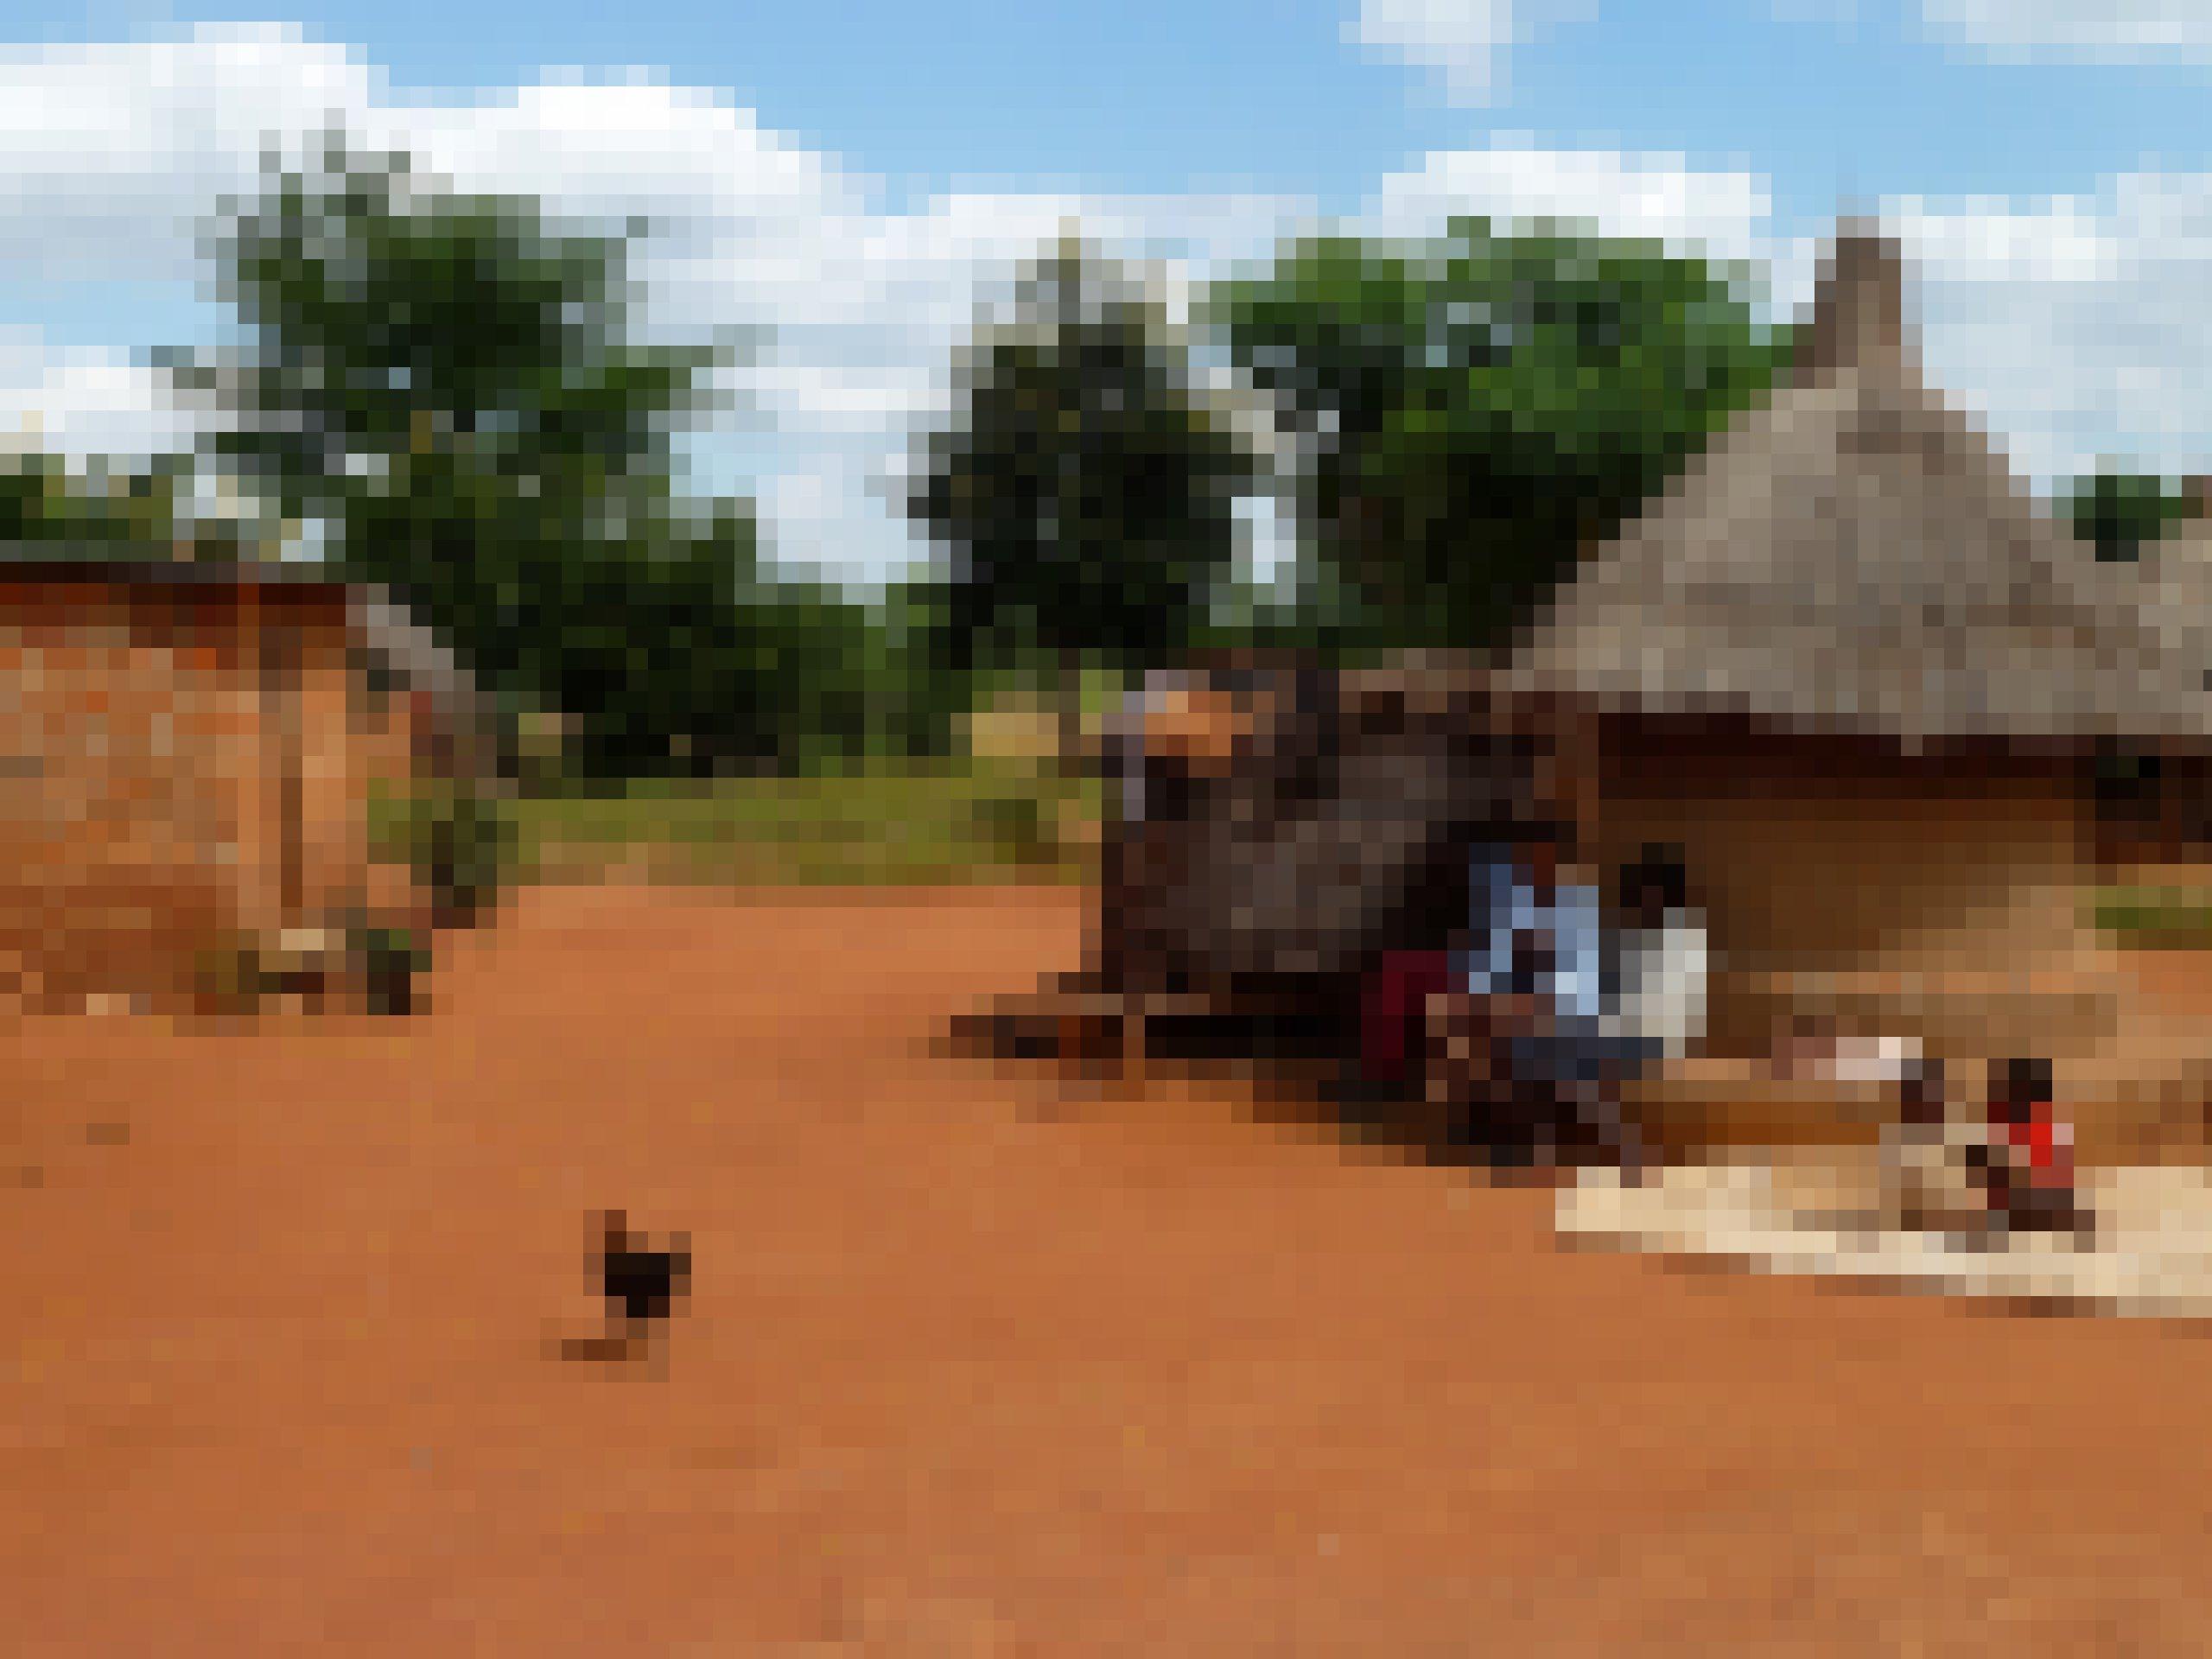 Frauen und Kinder sitzen vor einem grasgedeckten runden Lehmhäuschen, die Erde in dem Hof hat rötliche Farbe, ein Huhn rennt durch's Bild